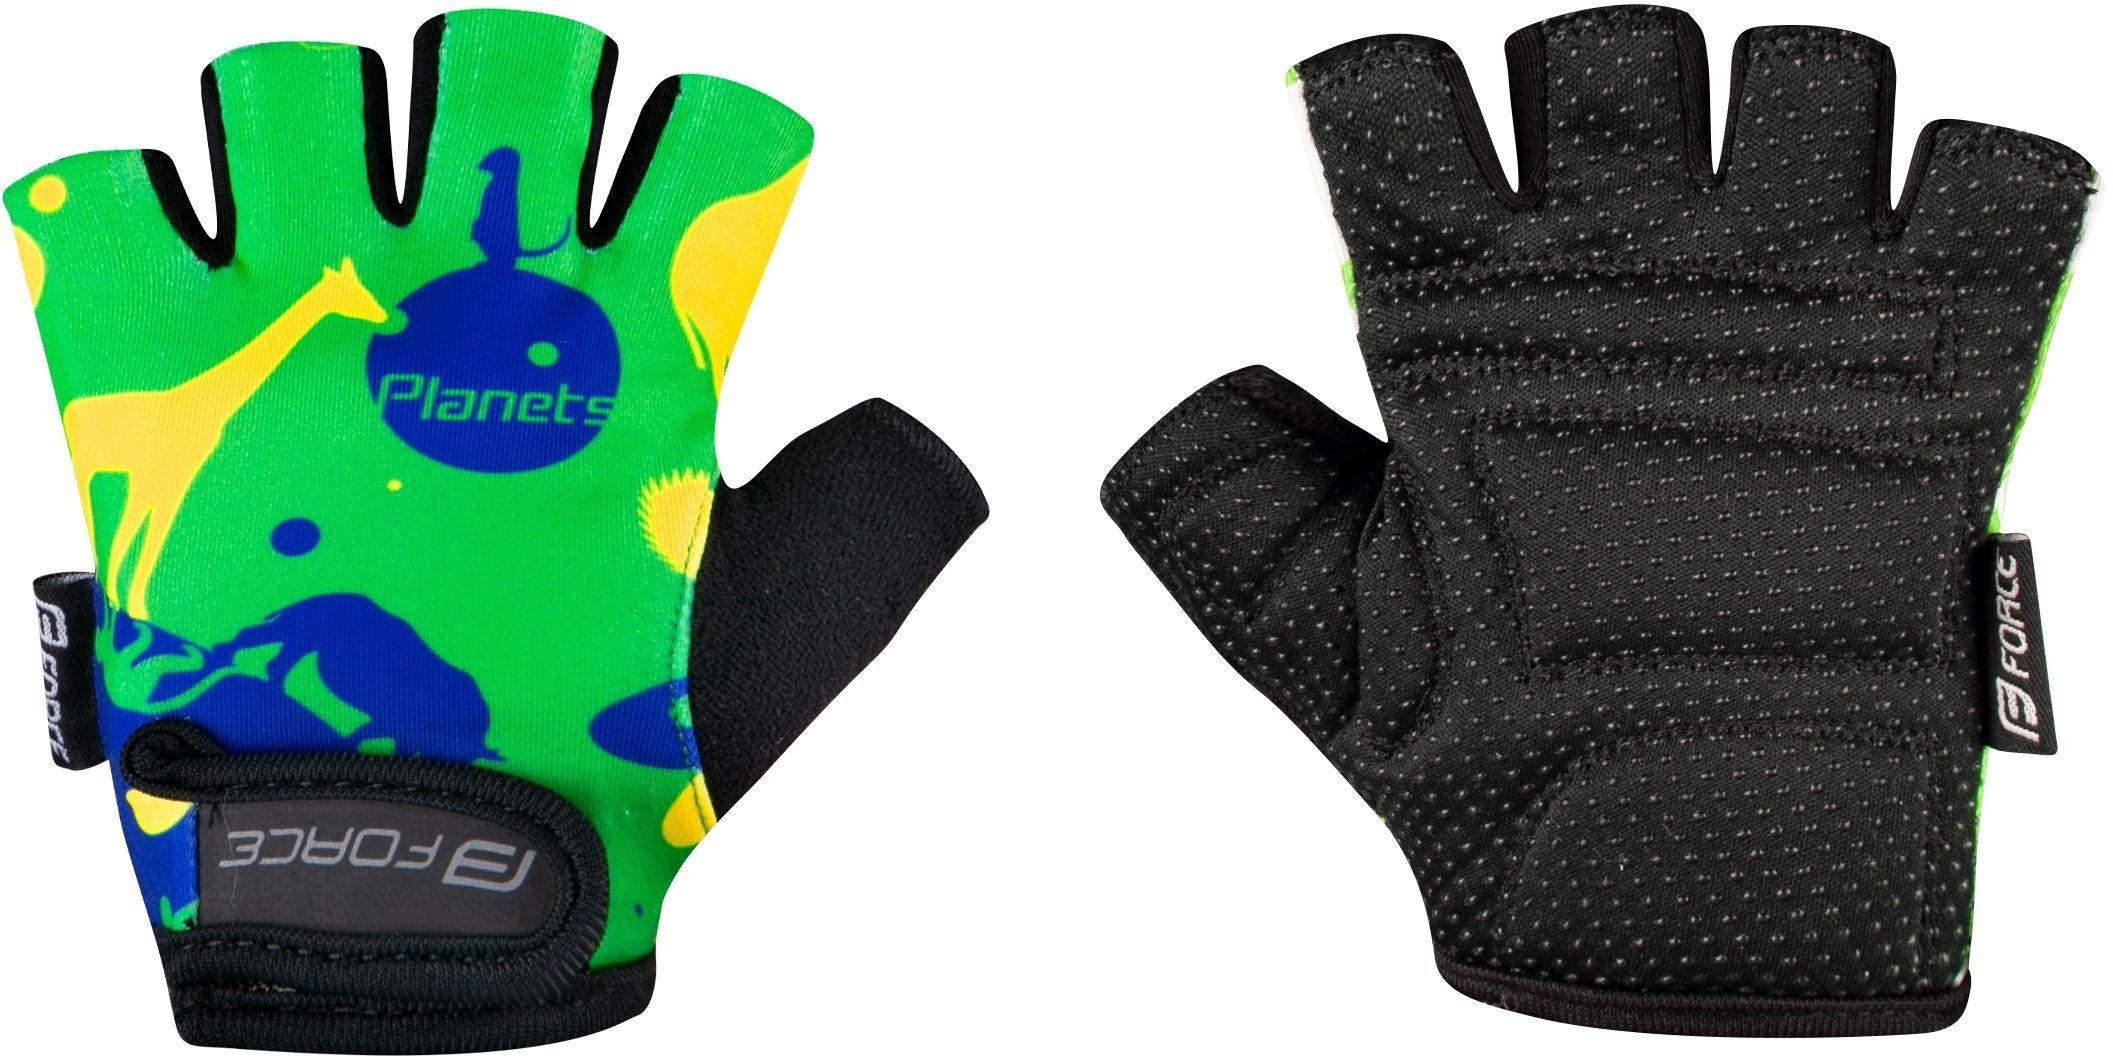 FORCE rękawiczki rowerowe dziecięce PLANETS yellow/green 9053233 Rozmiar: XL,planets9053233